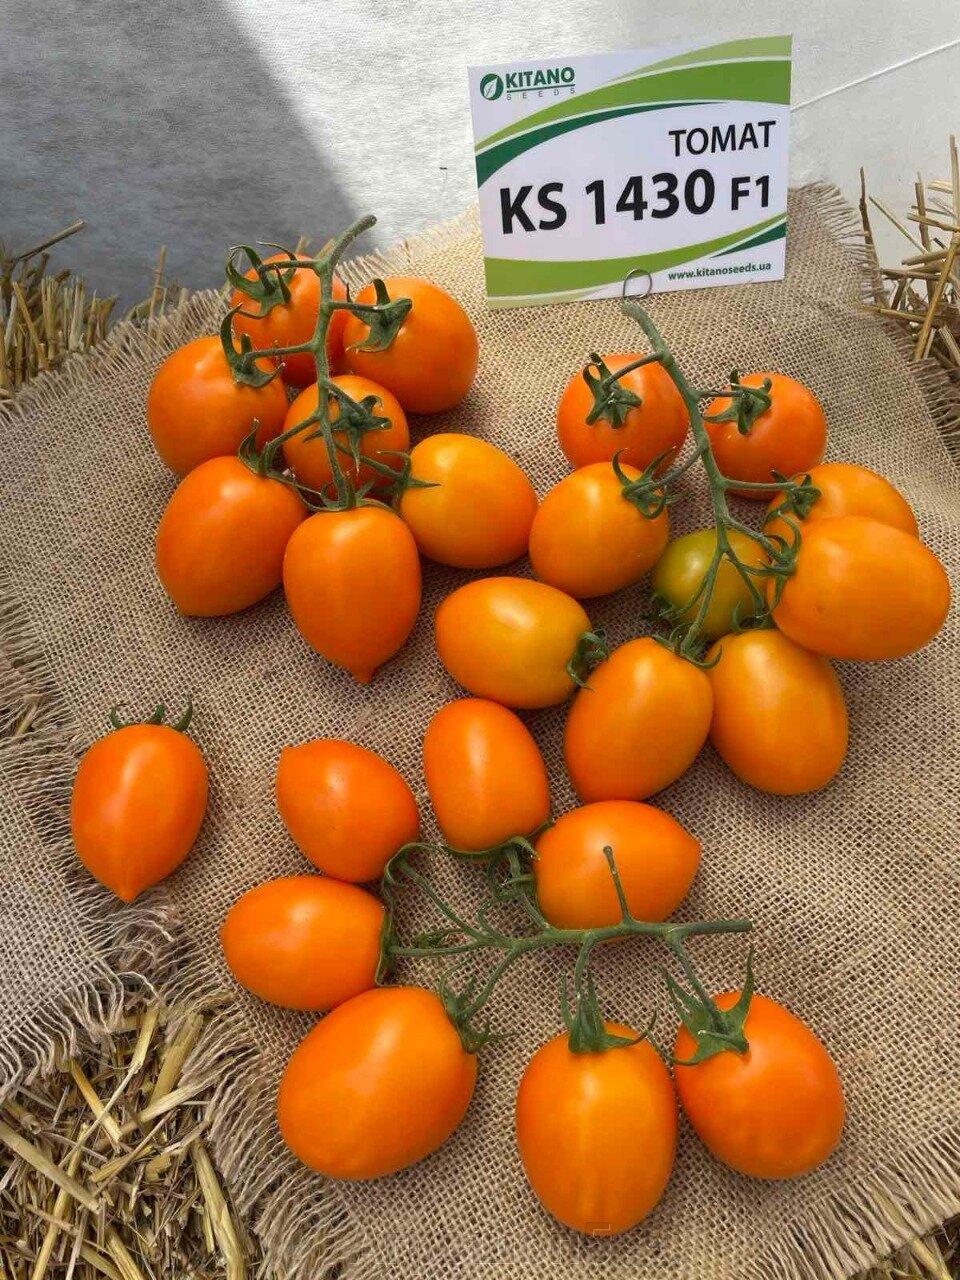 День поля по томатам от компании Kitano - фото pic_dee4213769a0b82dbc11c73d70b4b79b_1920x9000_1.jpg